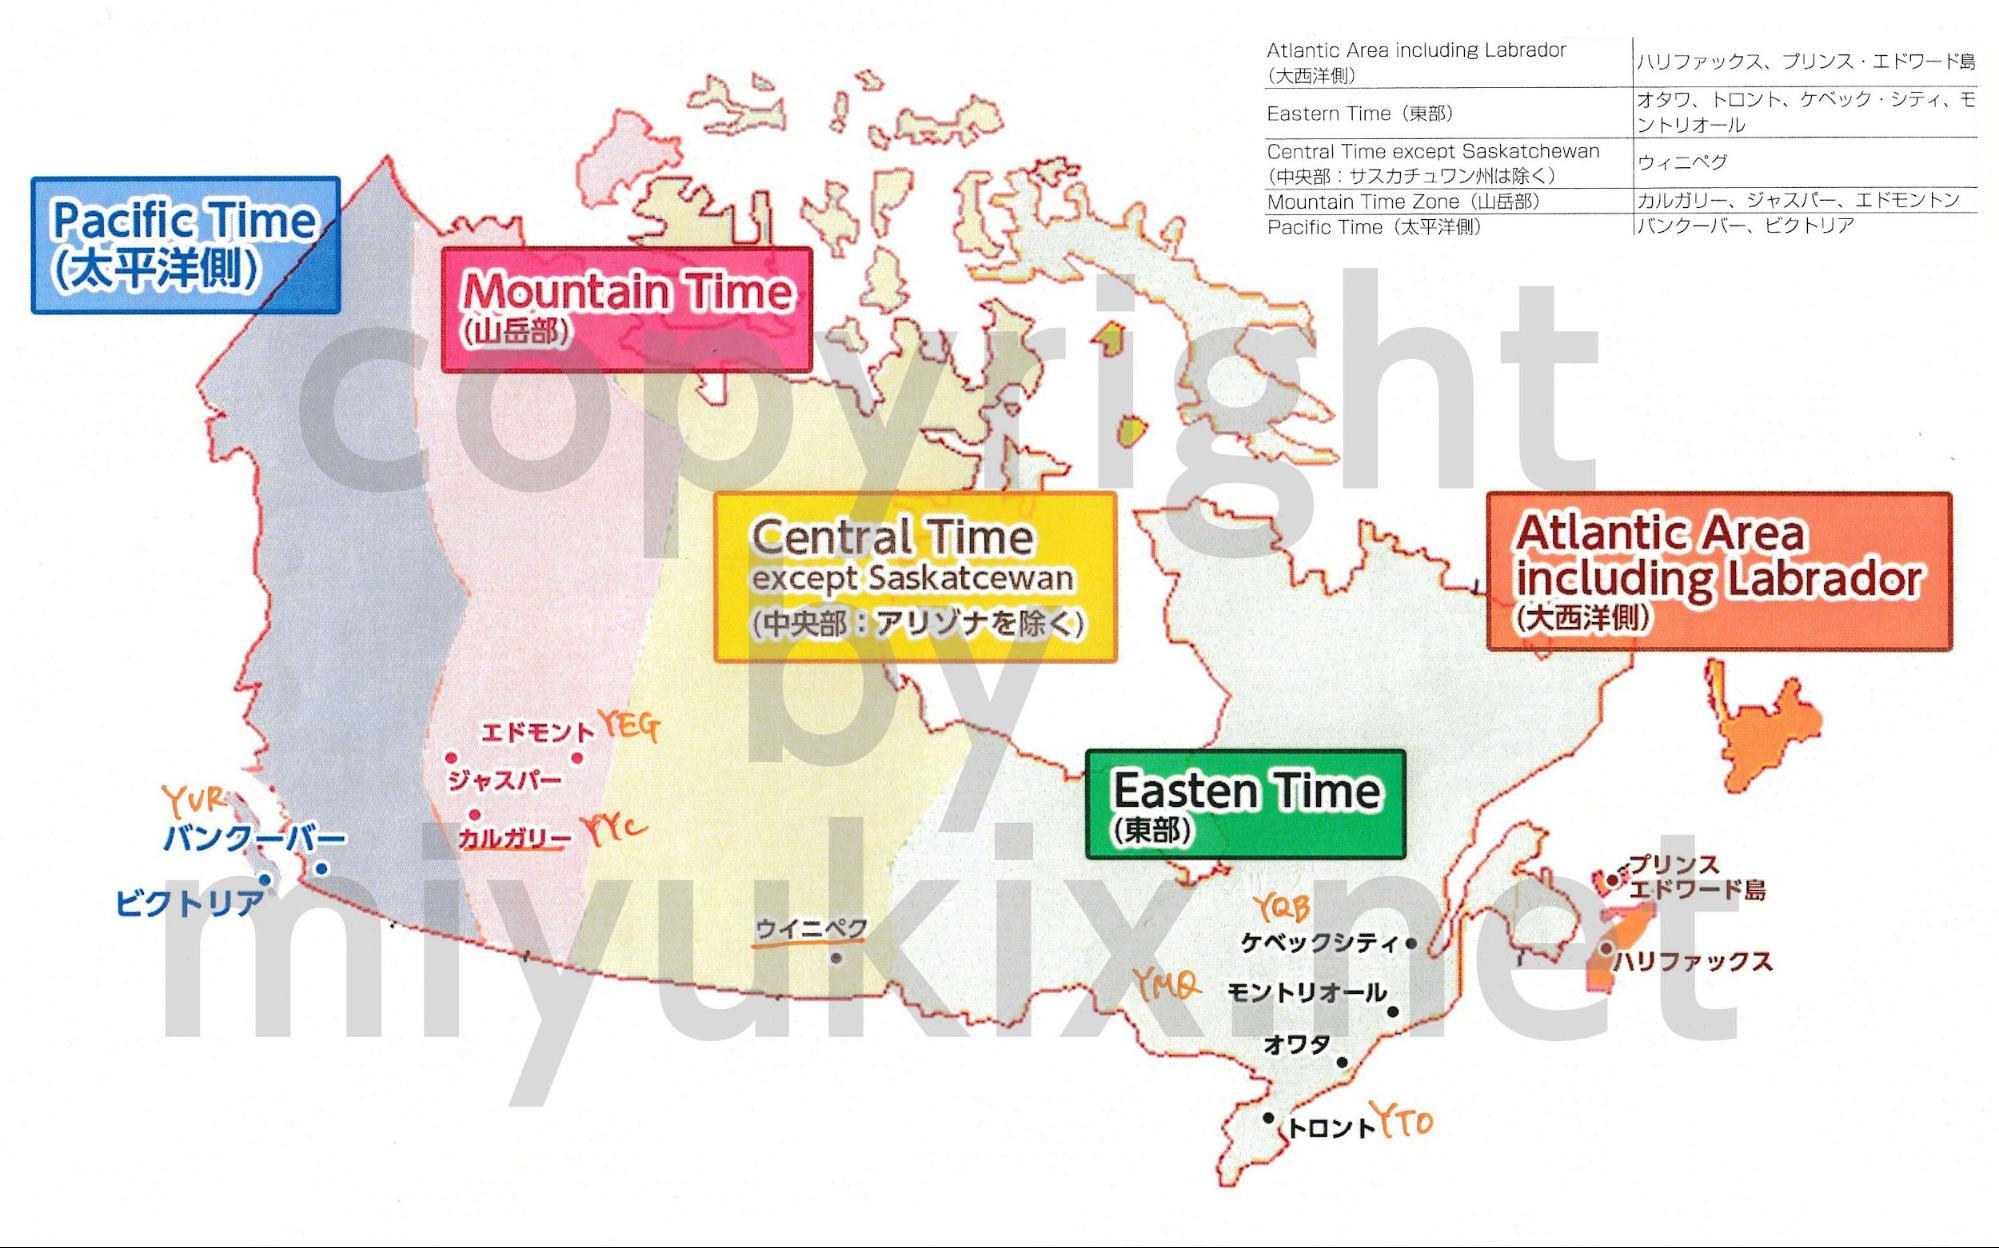 カナダ・タイムゾーンまとめ地図